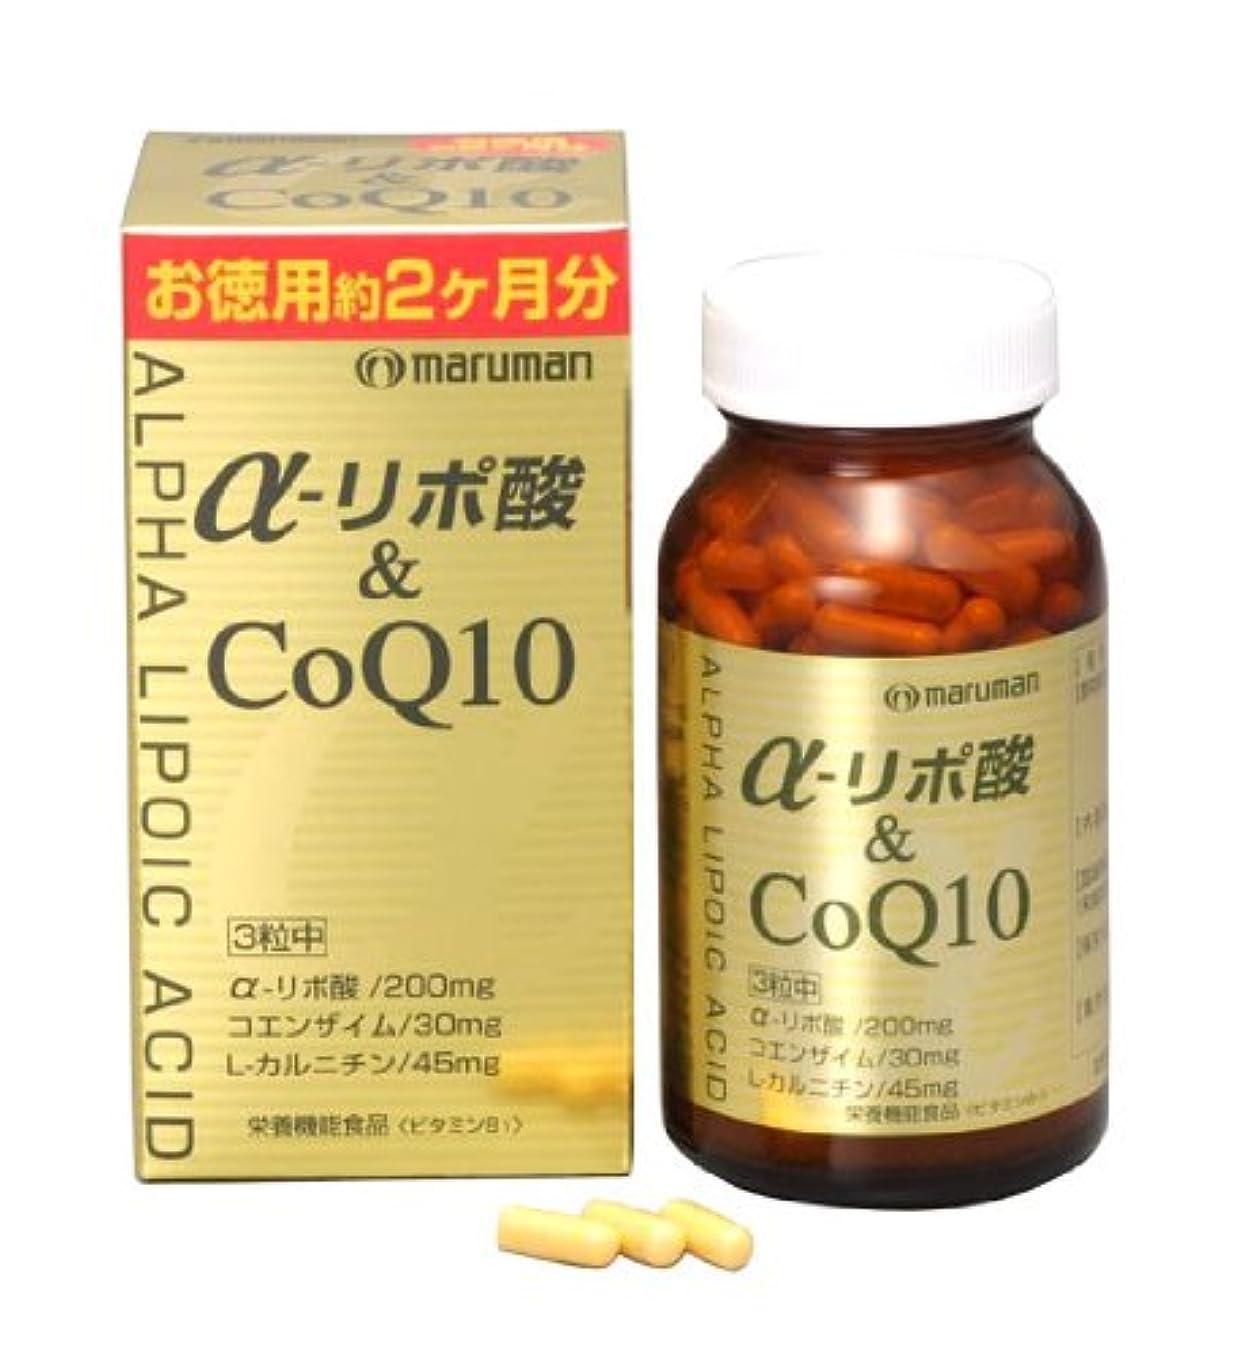 ボウリング違法エイリアンマルマン α-リポ酸CoQ10 249㎎×180粒